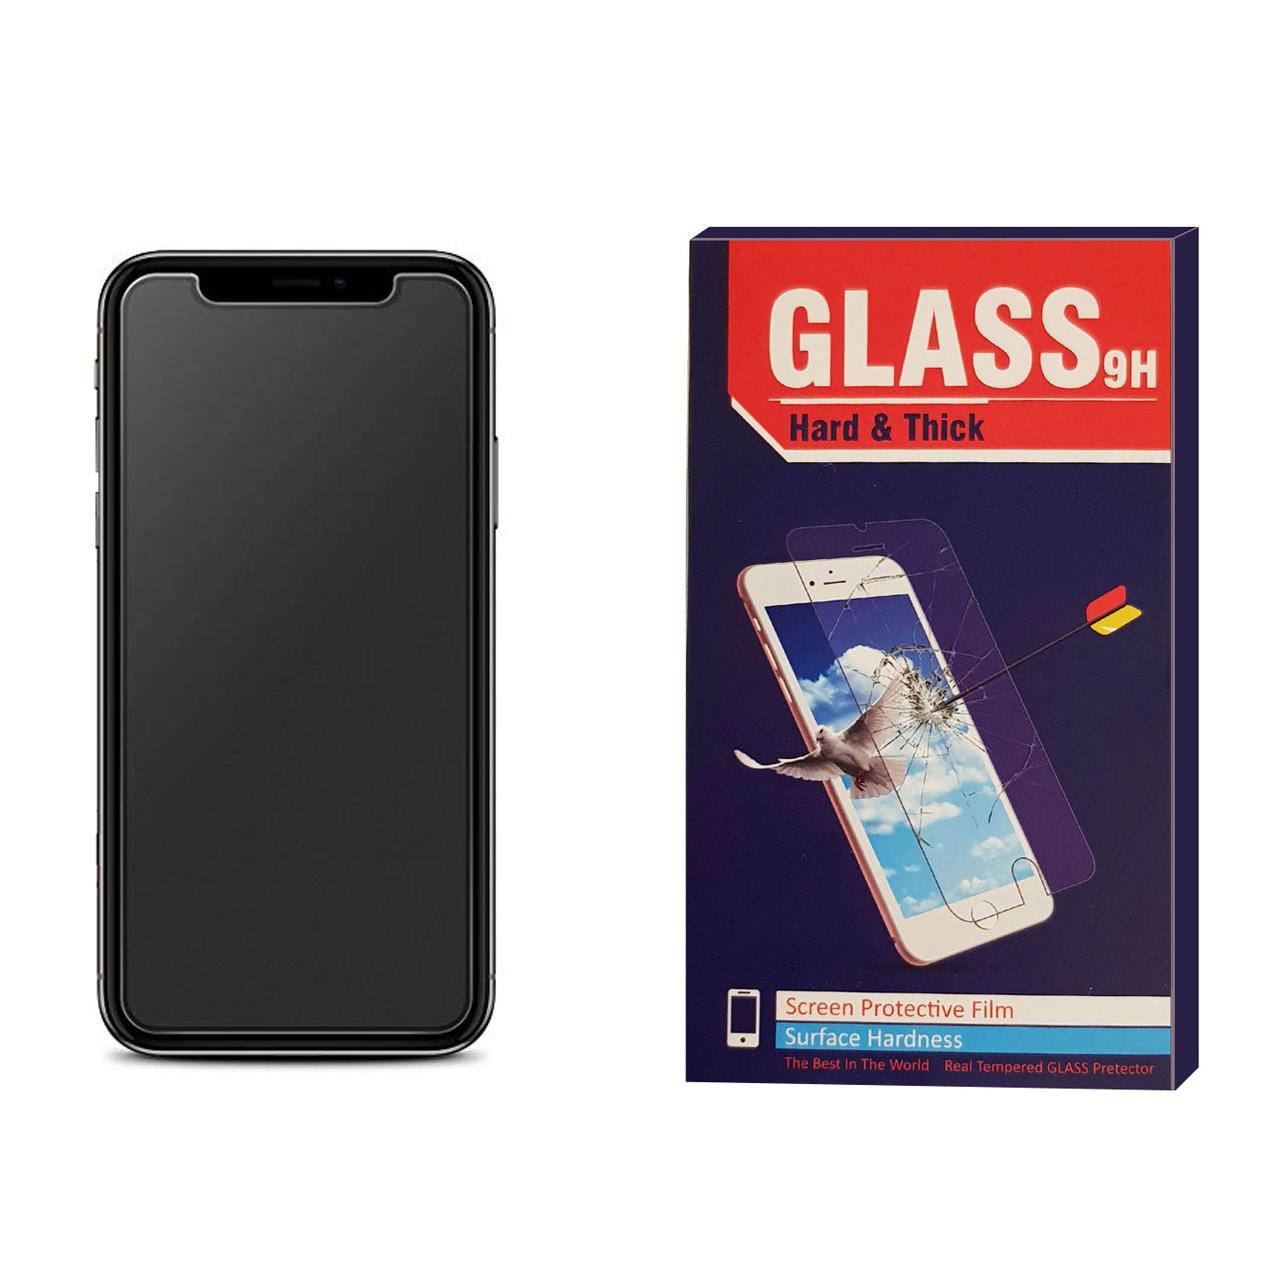 محافظ صفحه نمایش مات Hard and thick مدل F006 مناسب برای گوشی موبایل آیفون Iphone X